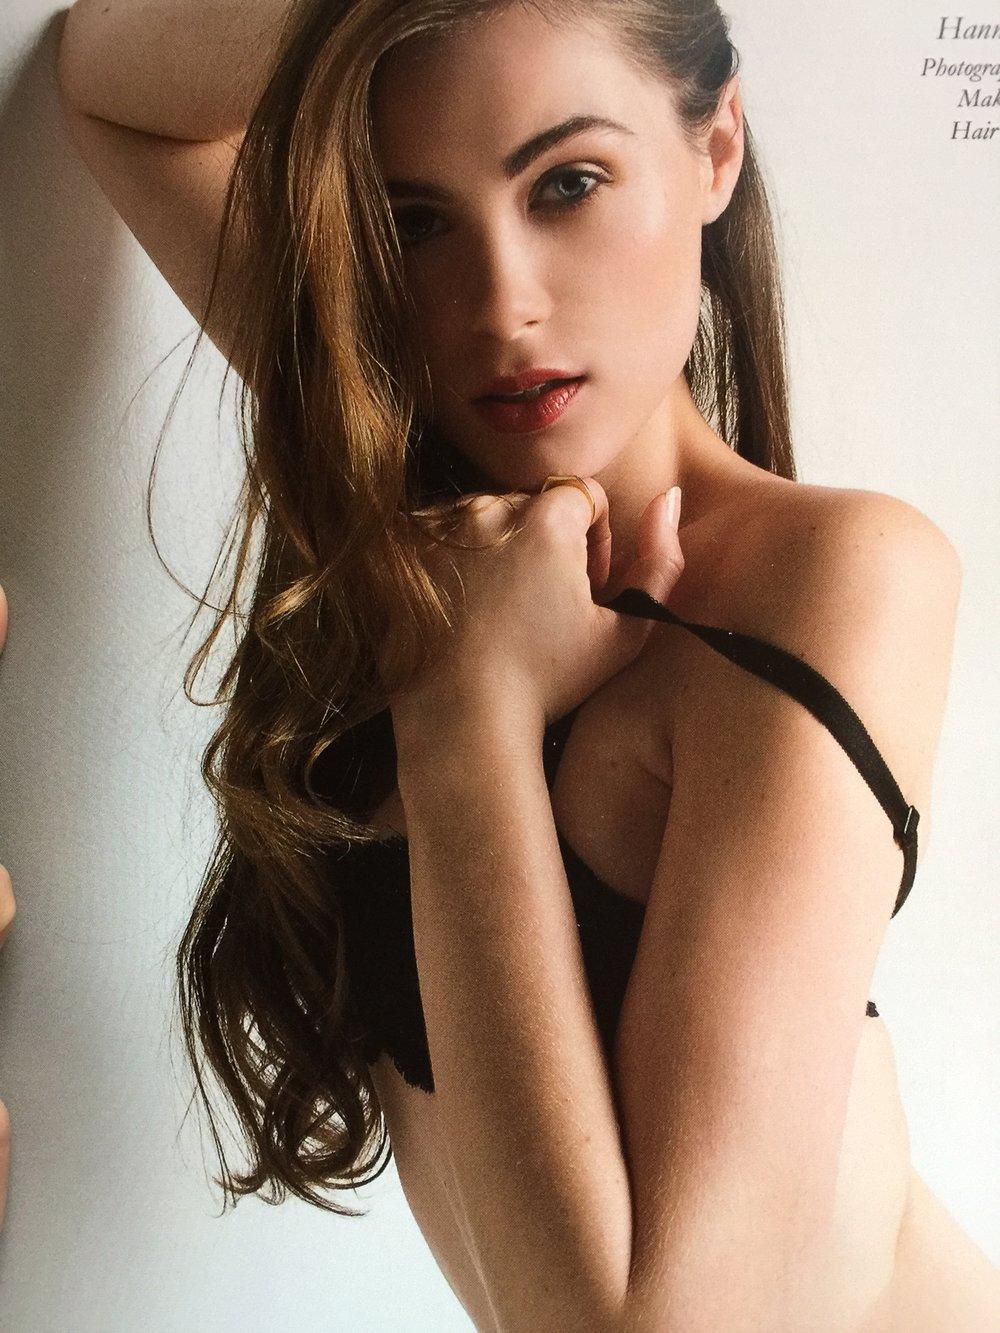 Model Makeup & Hair